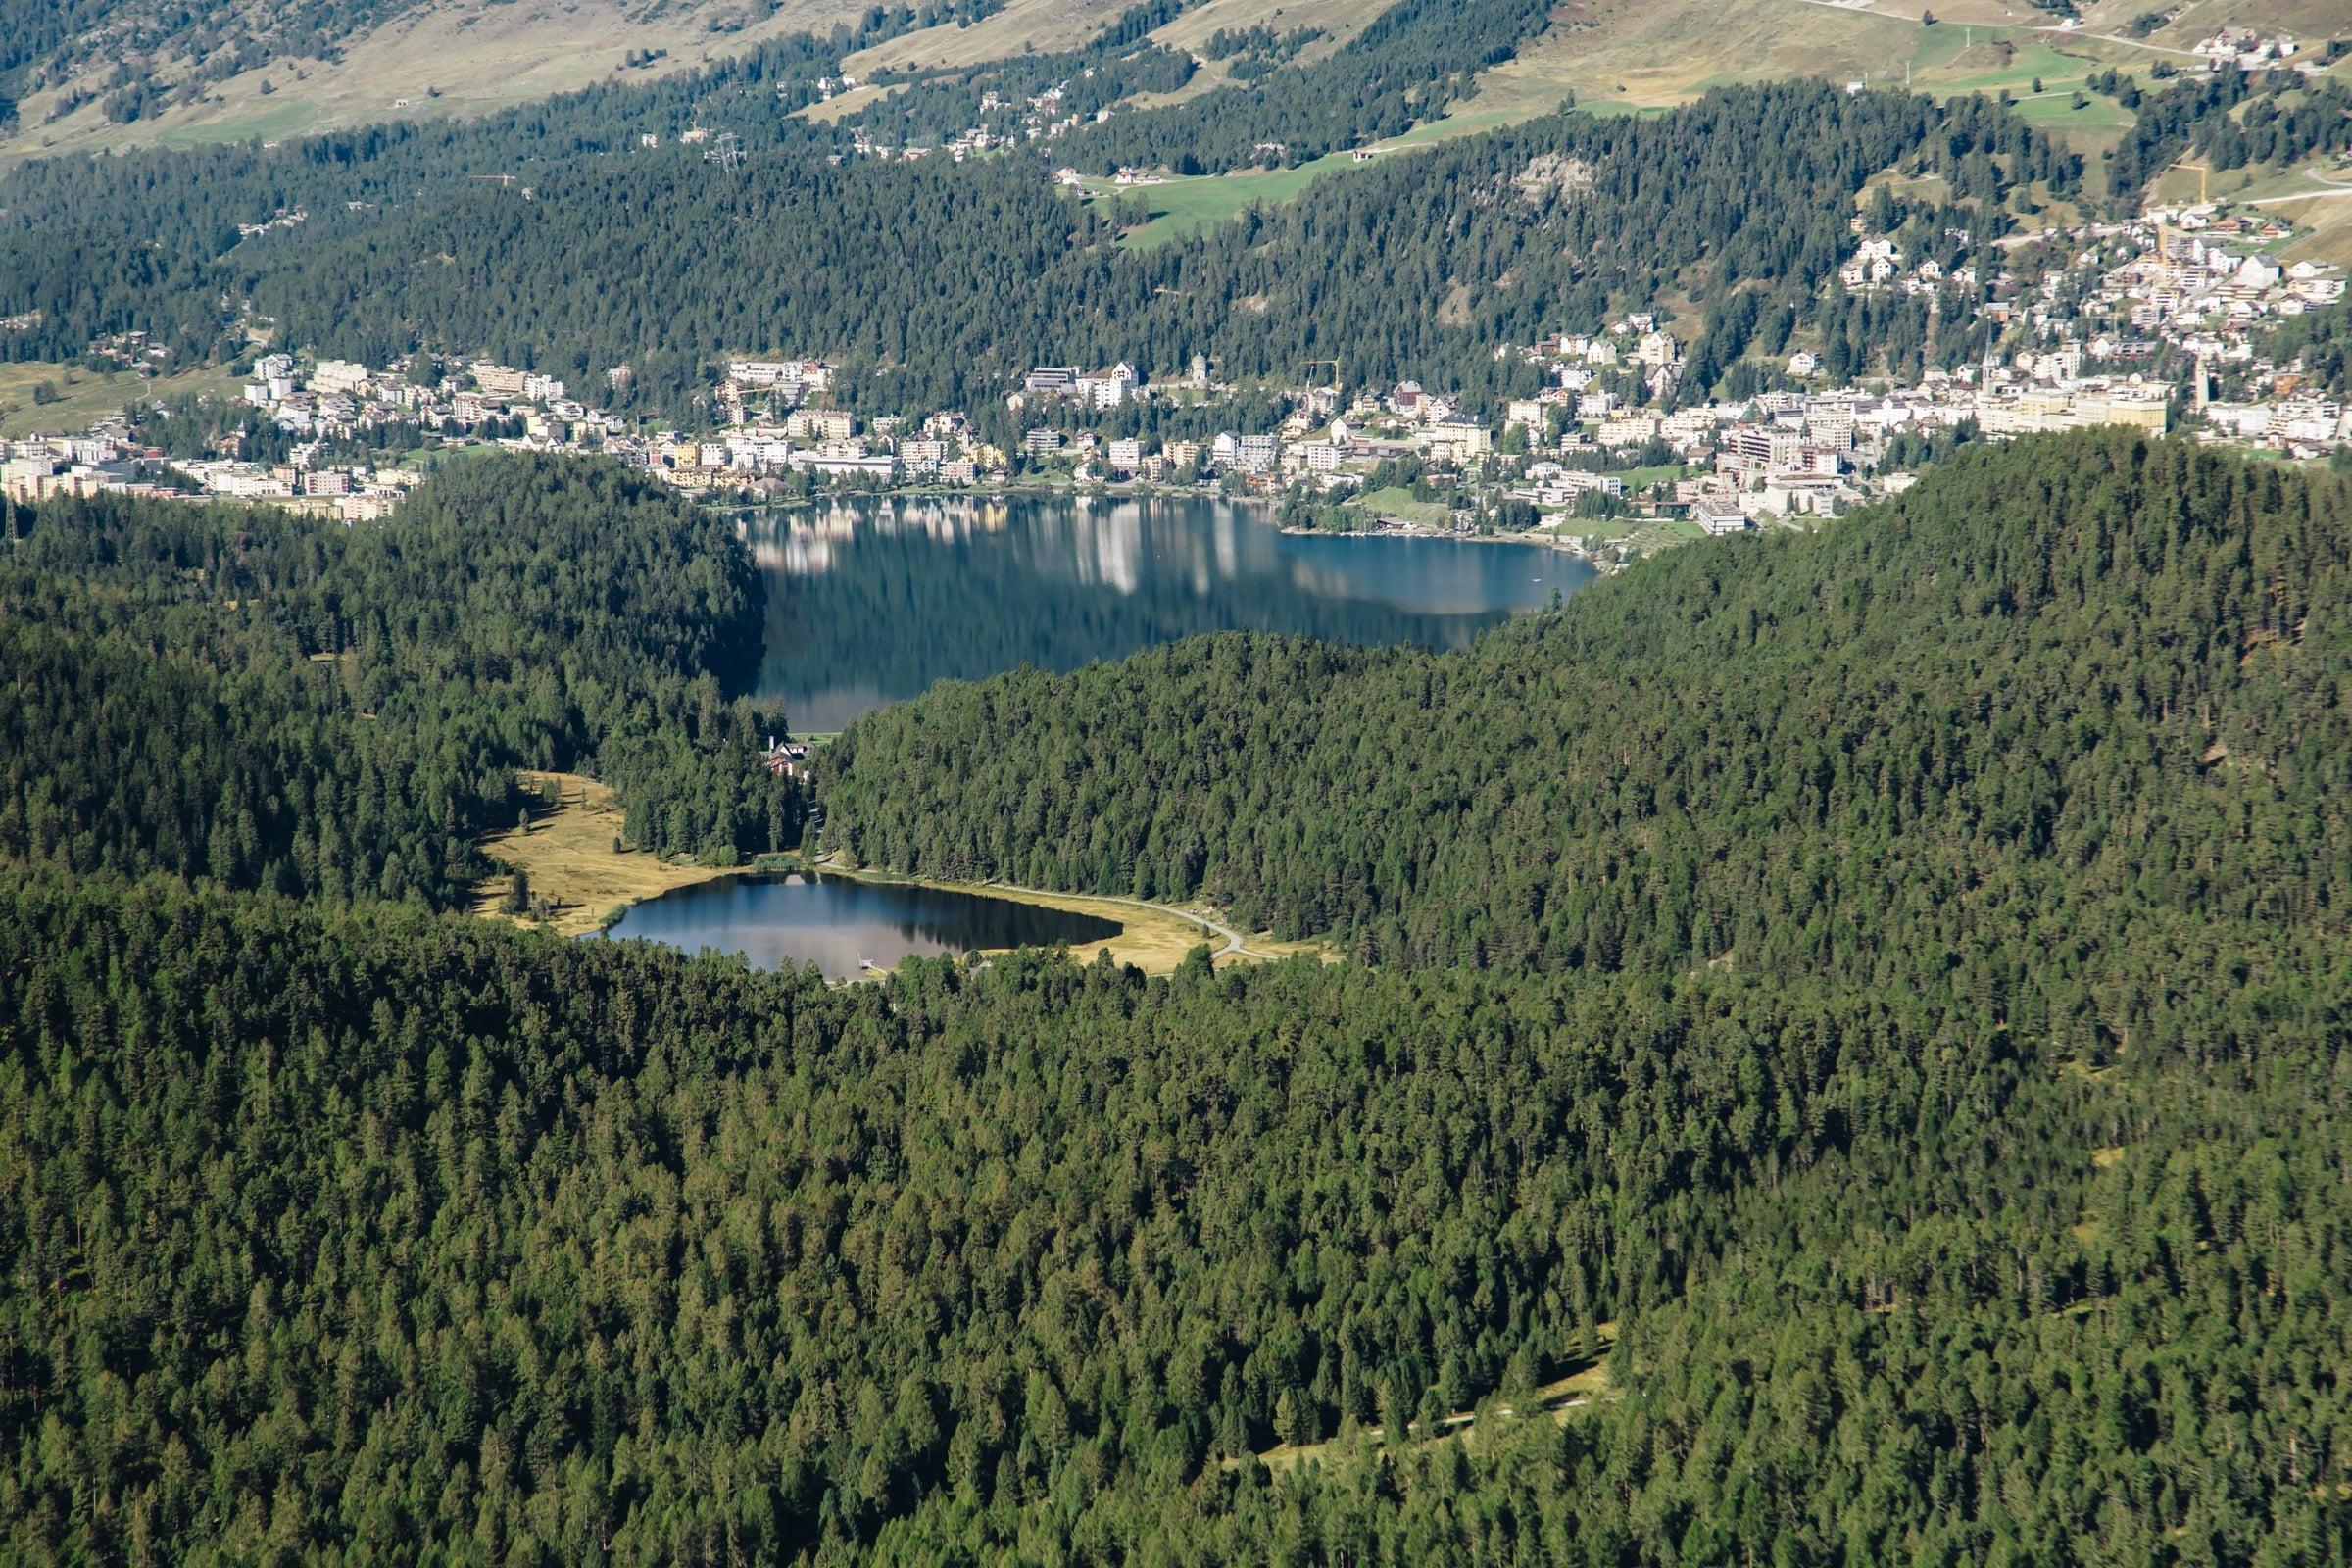 St. Moritz Tourist Information Village